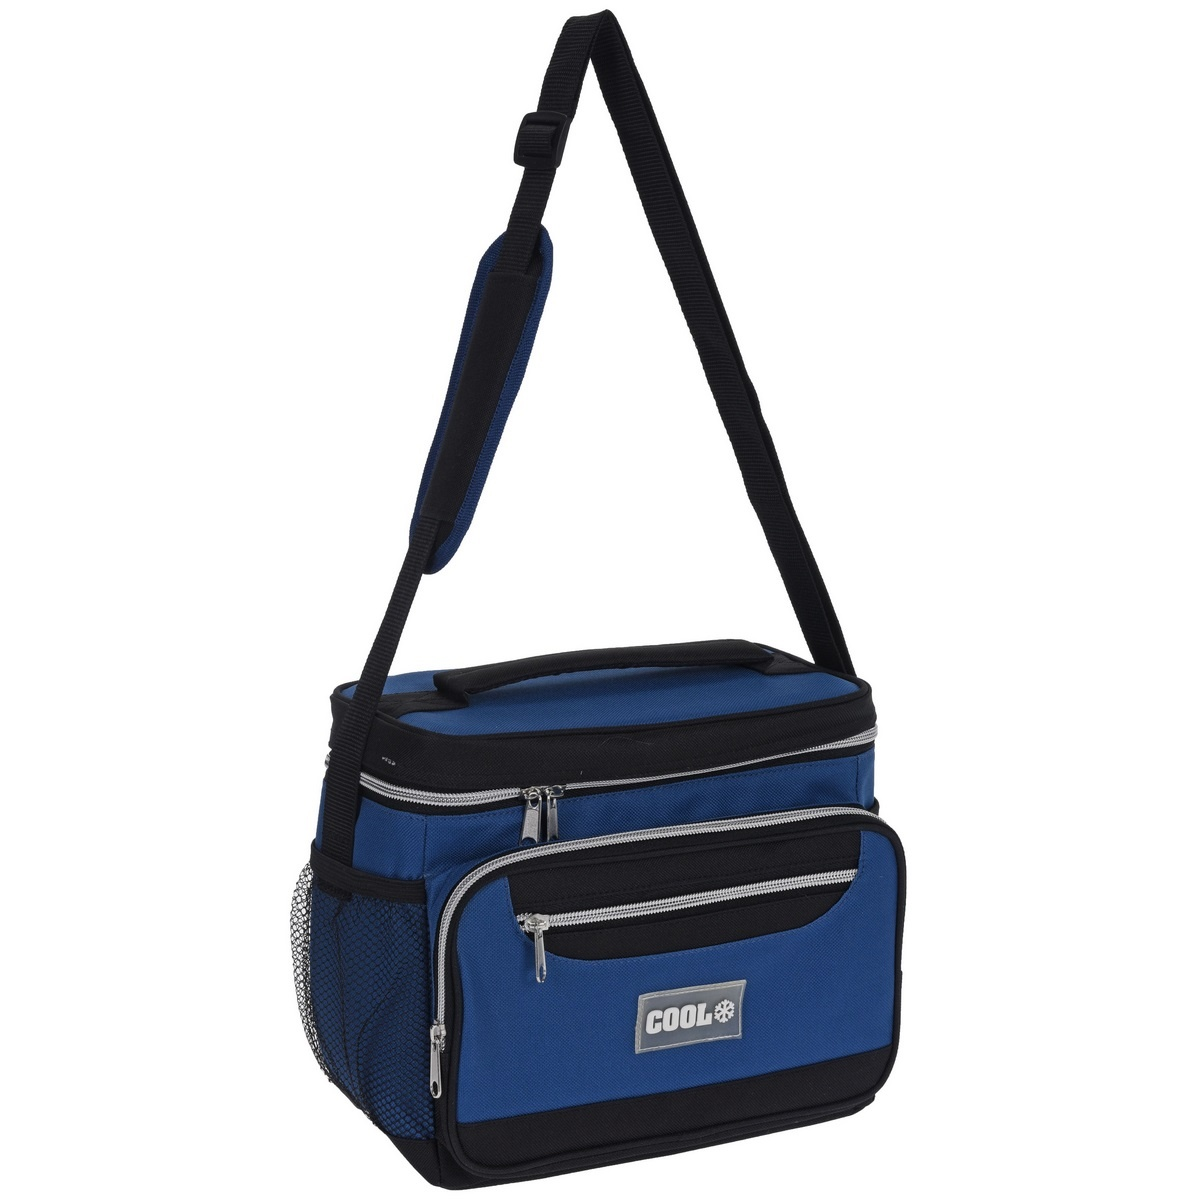 e98daa4935 Koopman Chladiaca taška Cool breeze modrá